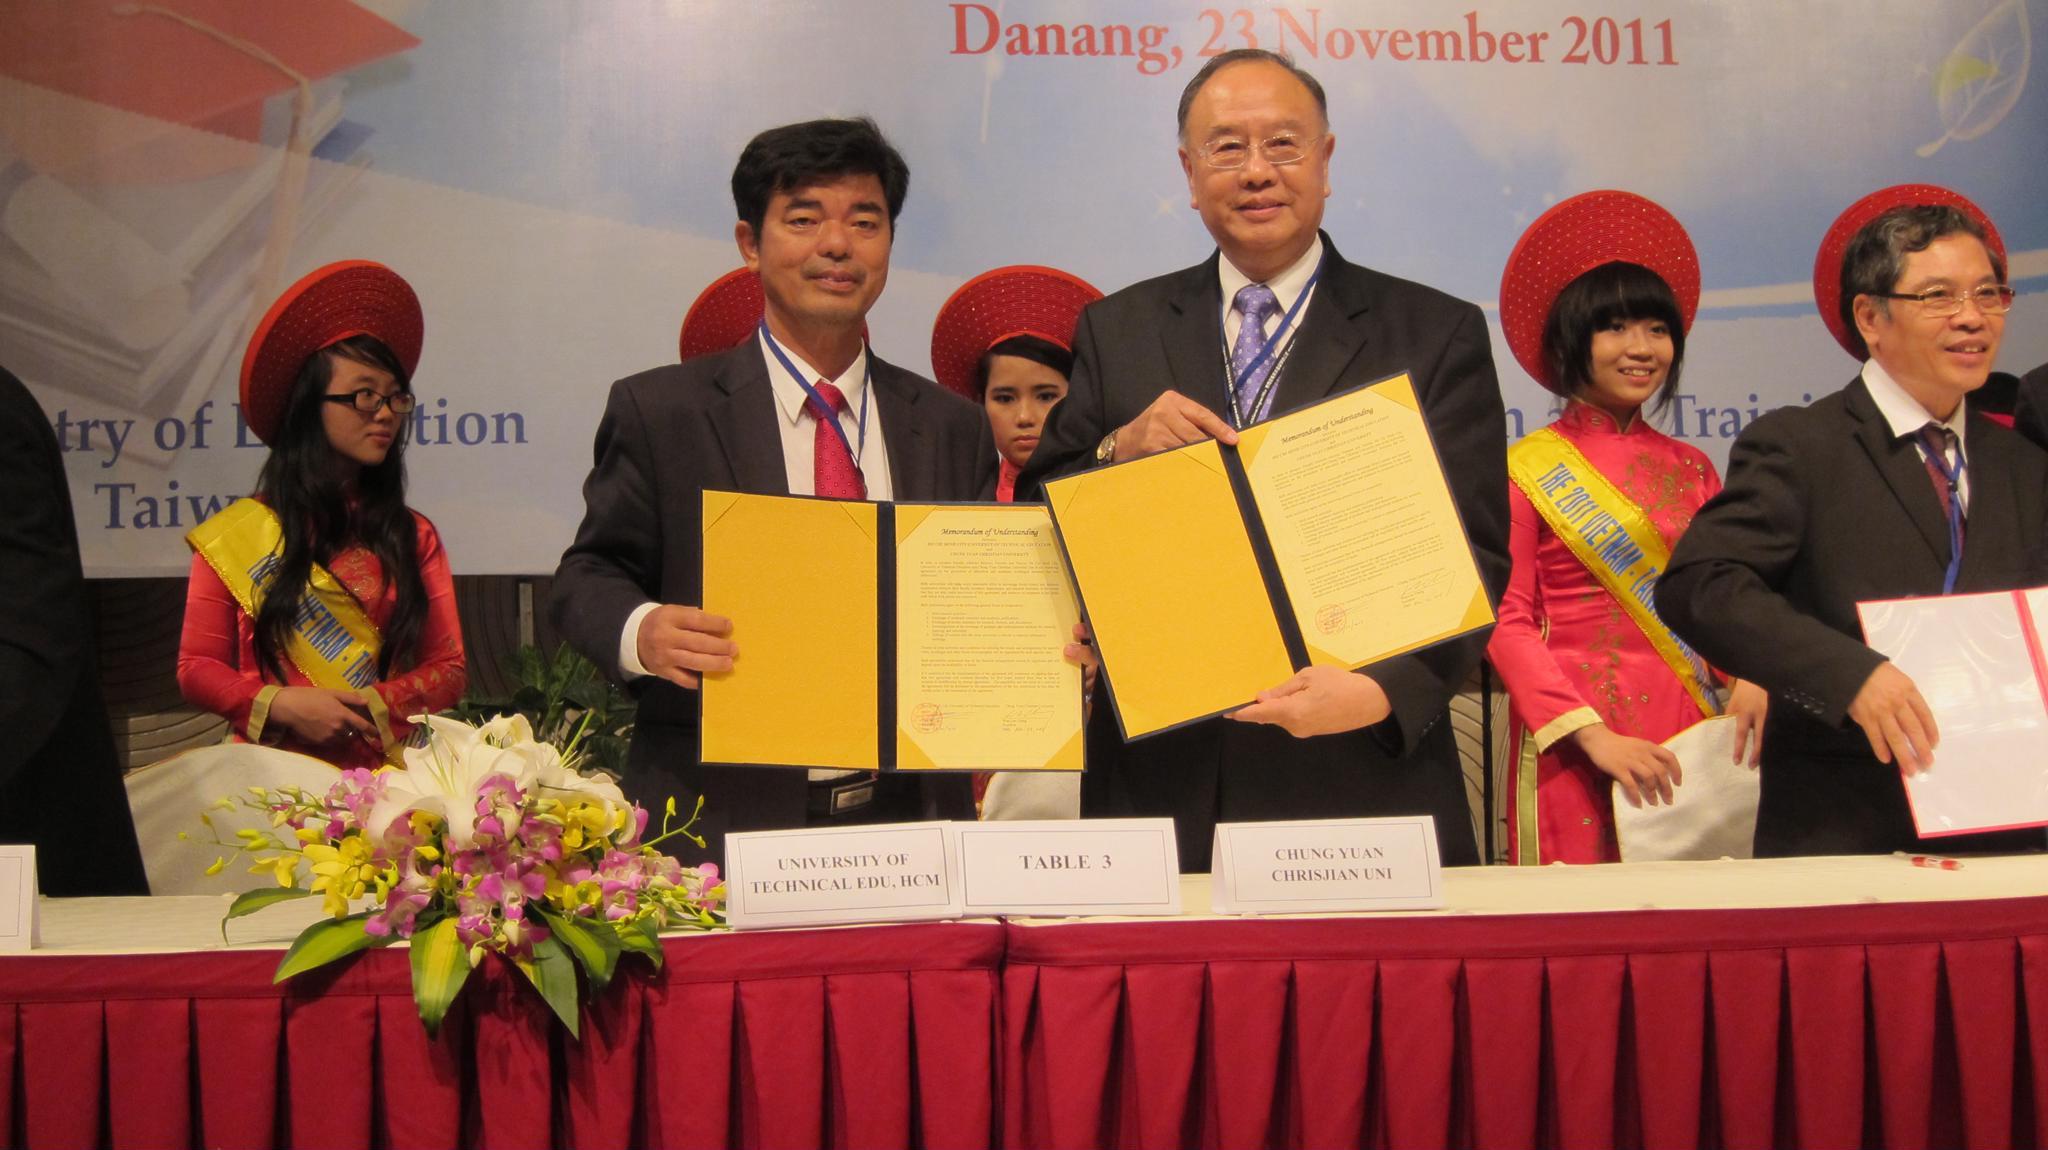 中原參與臺越高等教育論壇 提升兩國學術交流